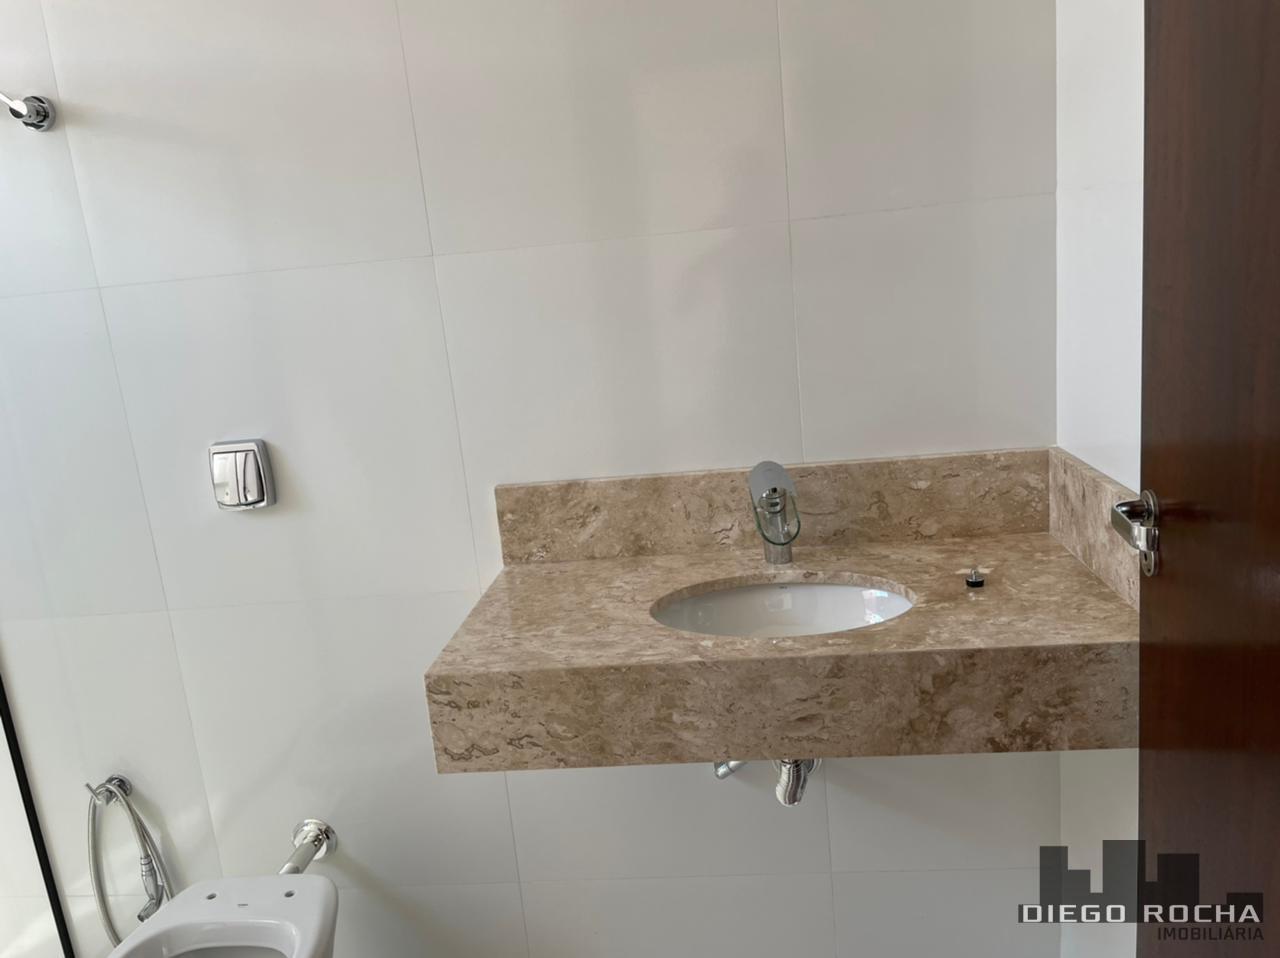 imoveis/2021/04/casa-de-alvenaria-excelente-imovel-venda-2636-2636-7-1619457658.jpg